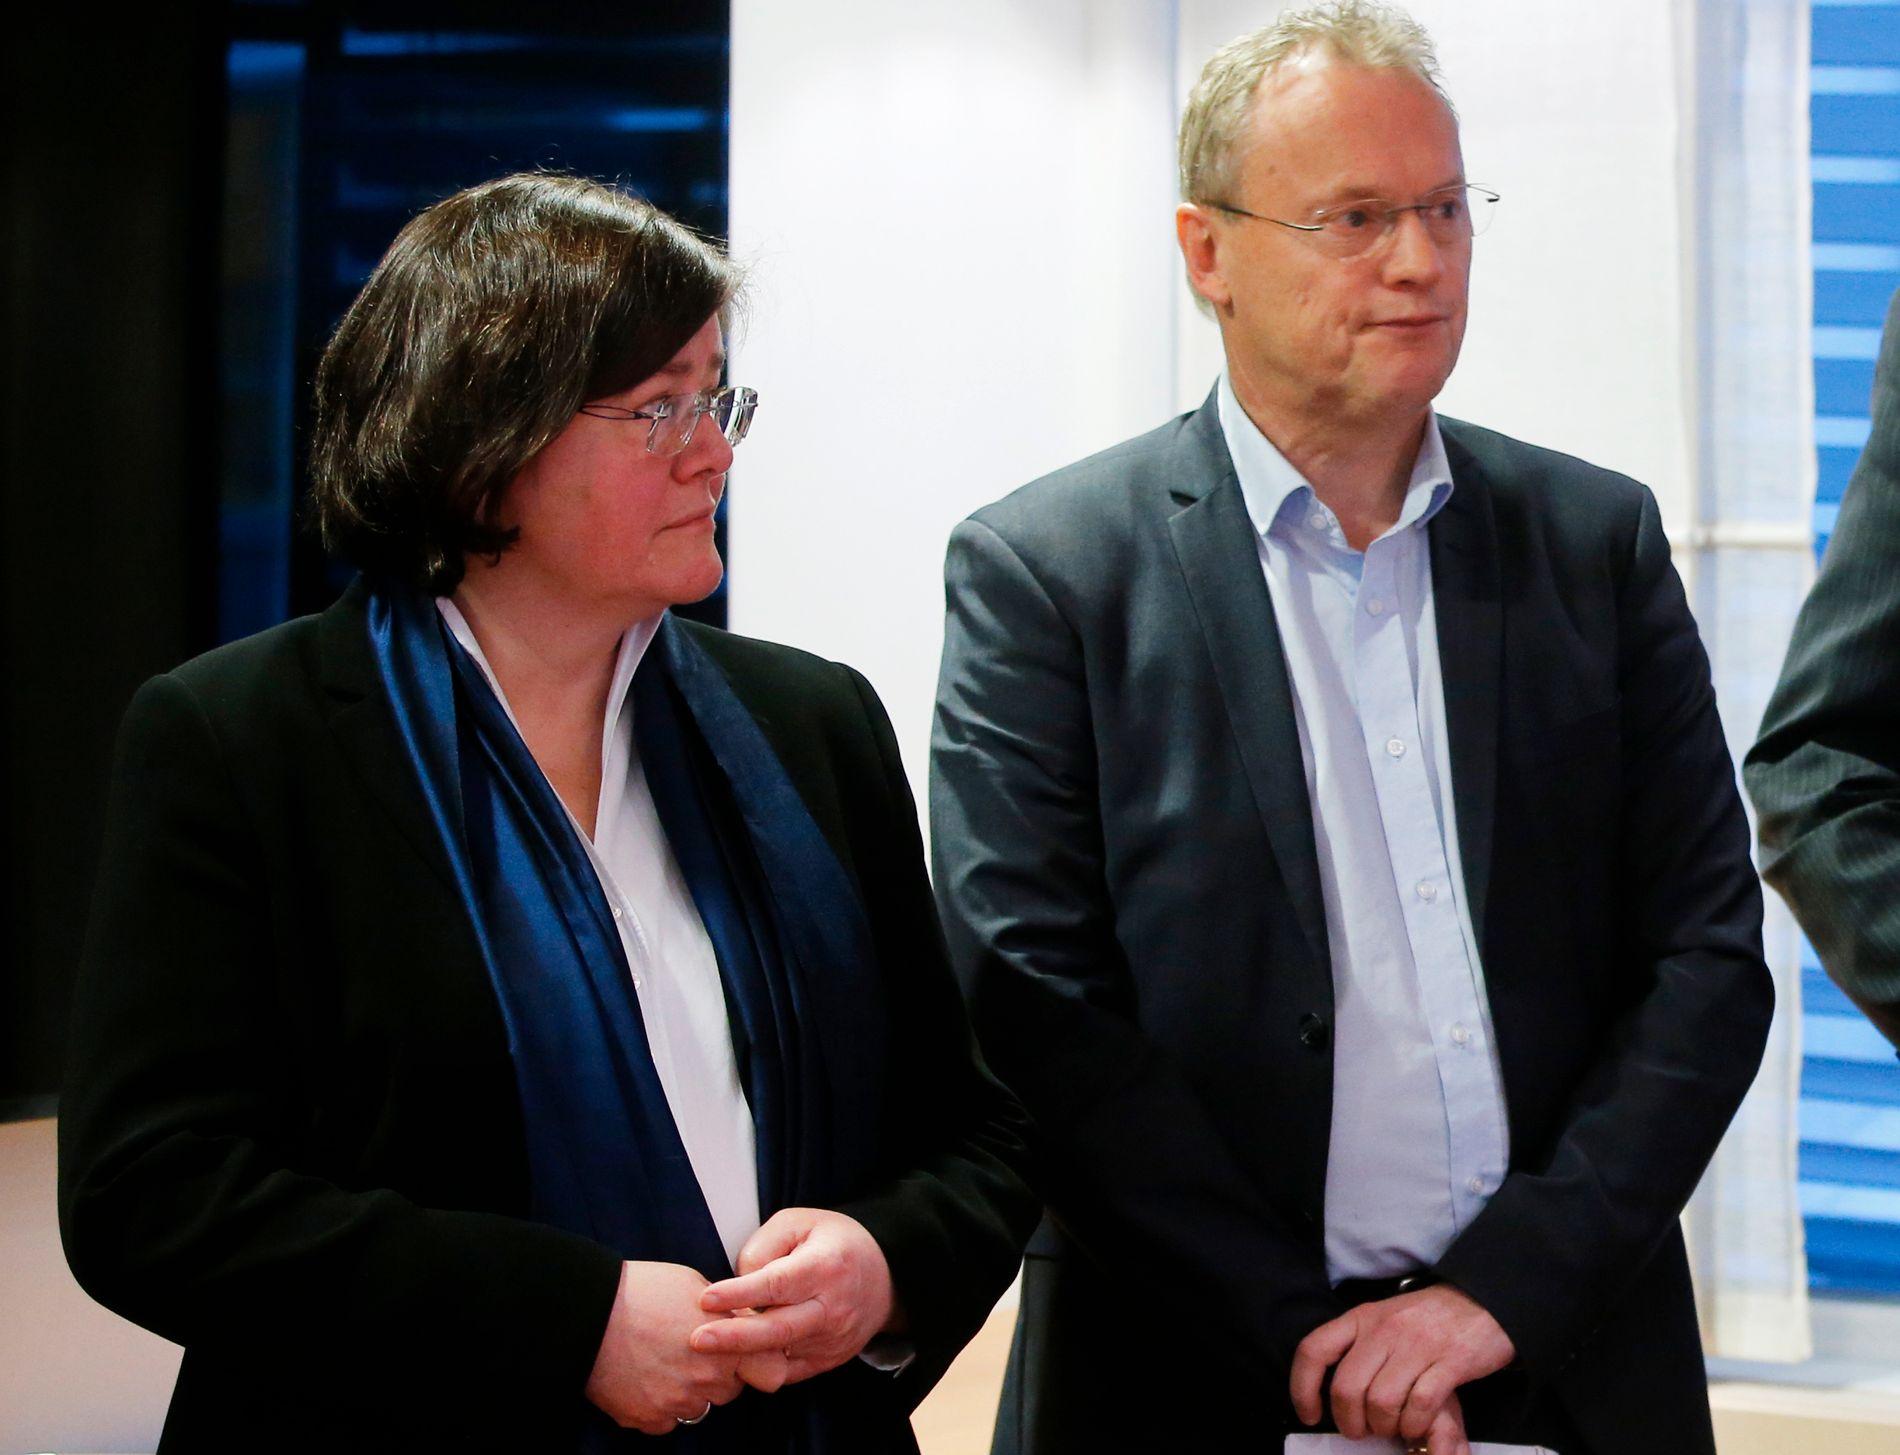 ENIGE DEN GANG: Her signerte fylkesordfører Anette Solli (H) i Akershus og byrådsleder Raymond Johansen (Ap) i Oslo en bymiljøavtale for de to fylkene i januar 2017.